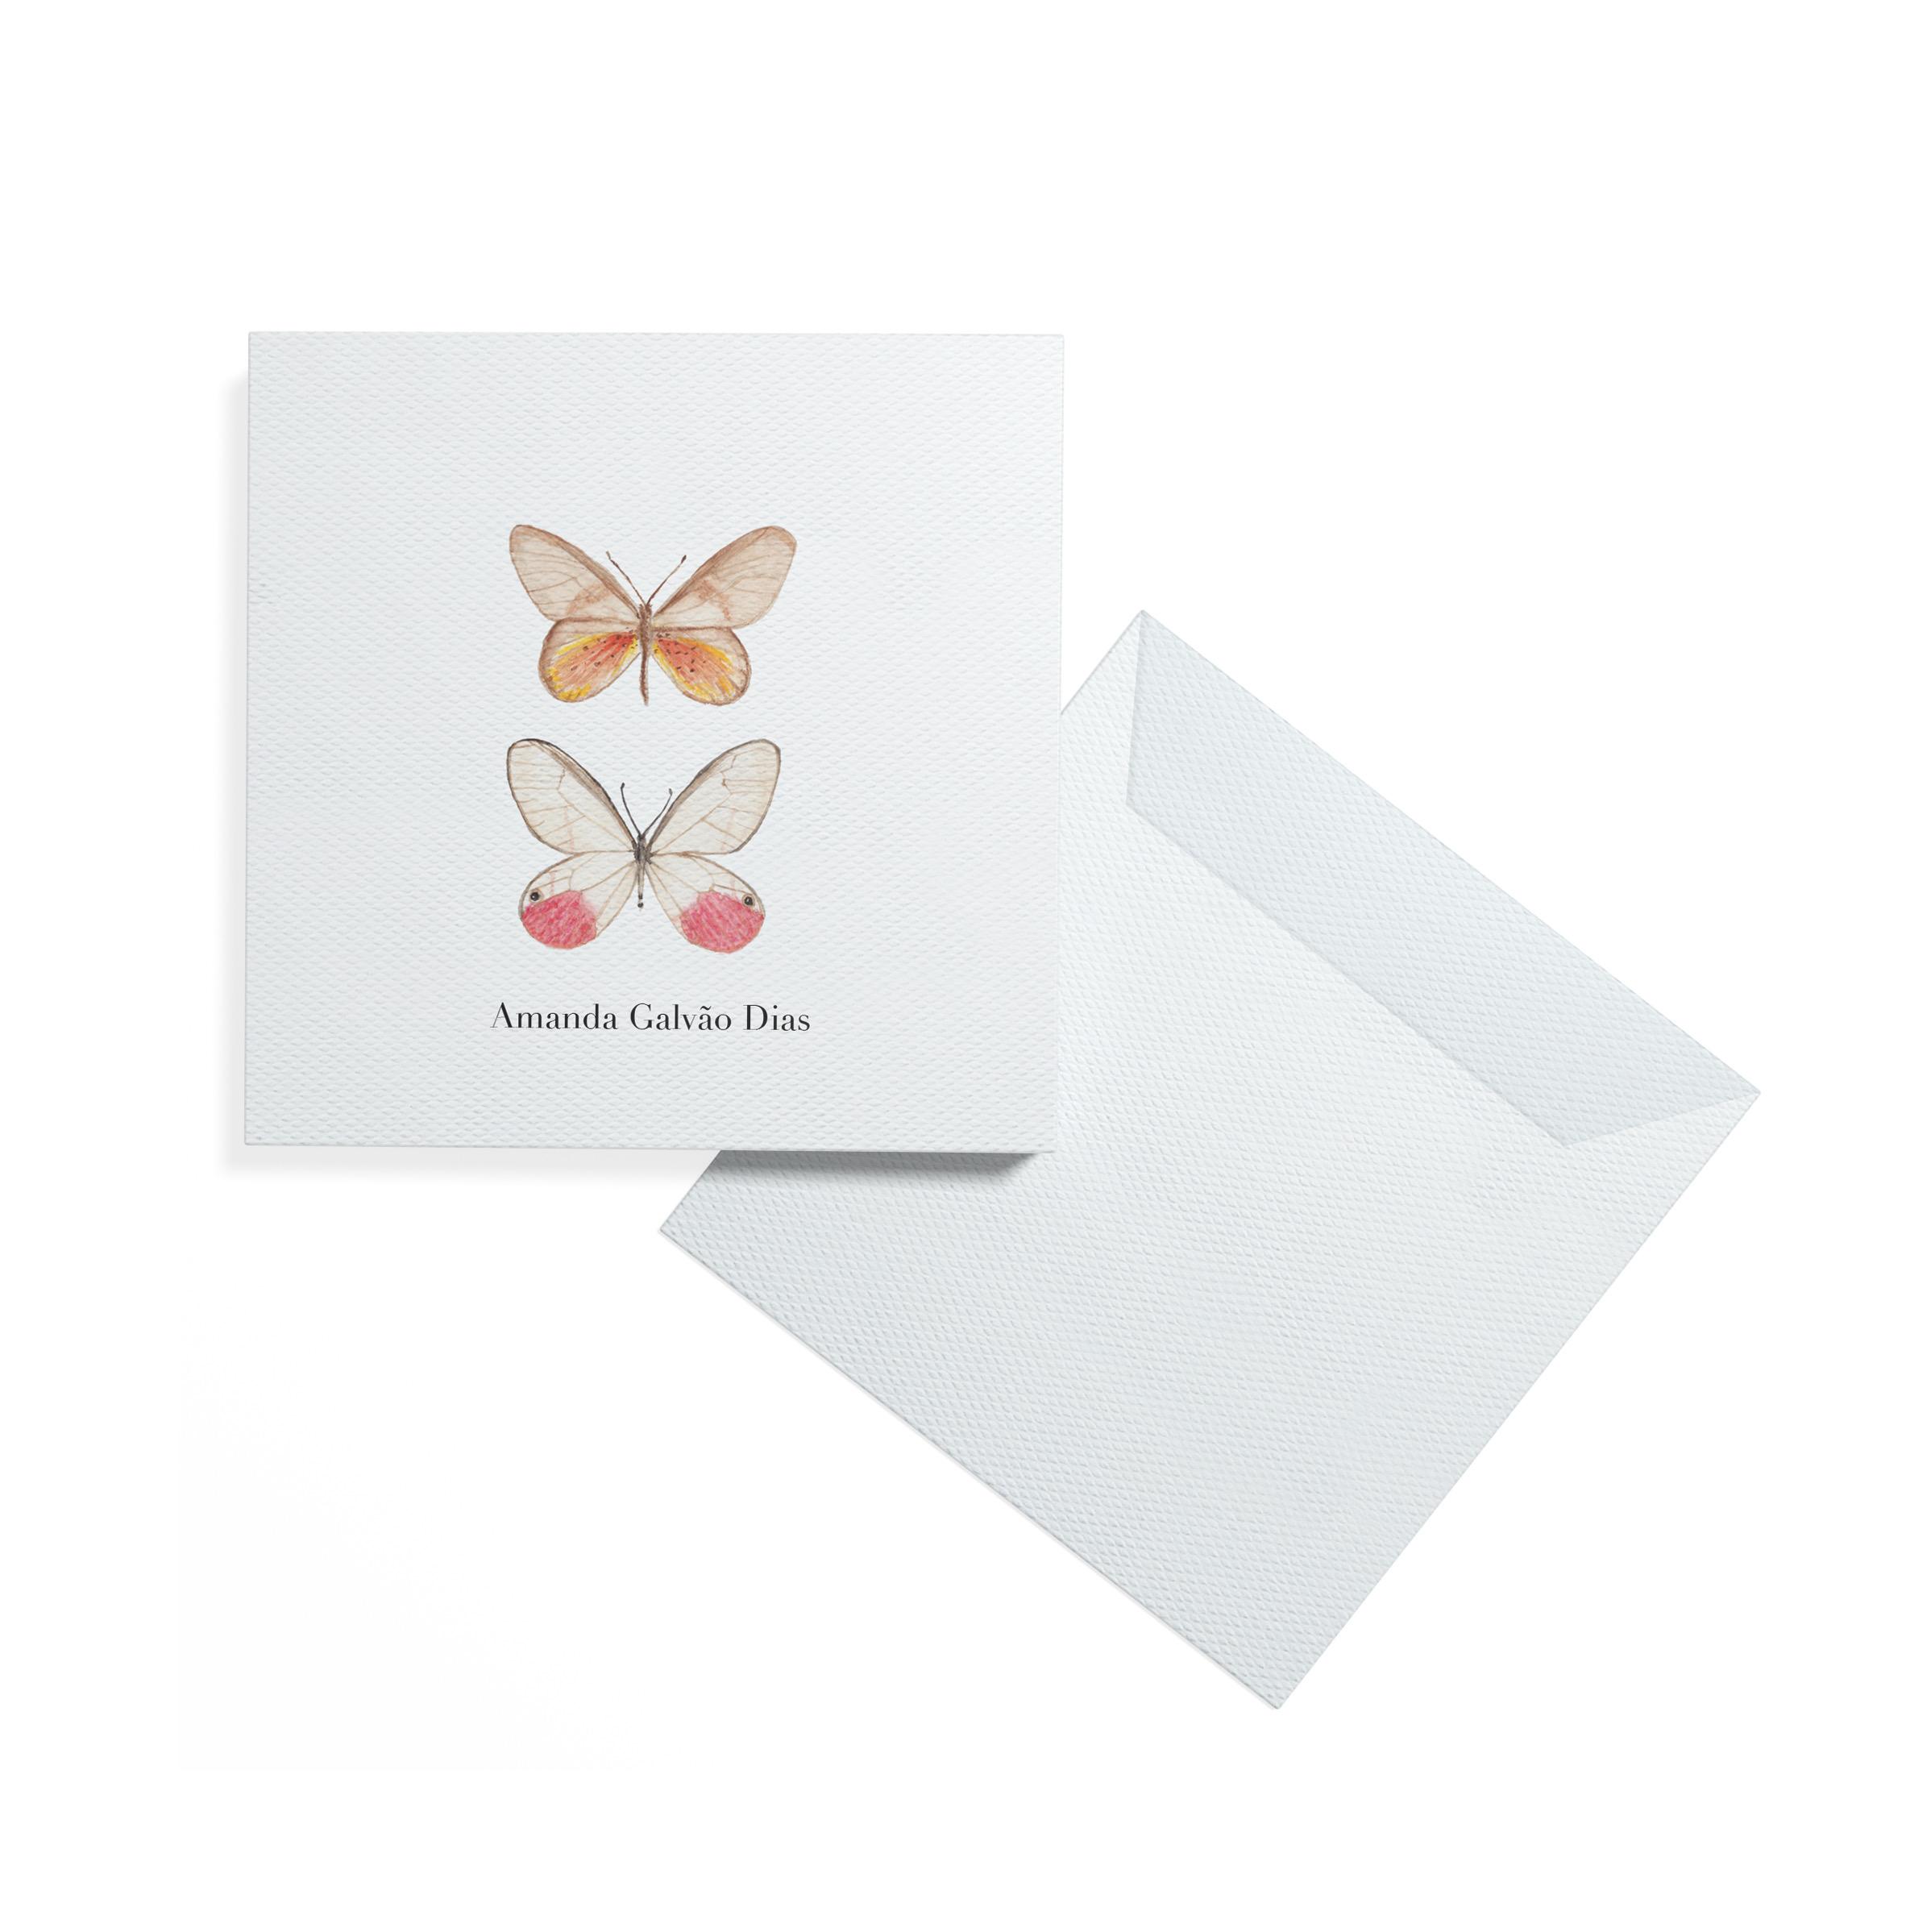 cartão_modelo_fundo_branco_borboletas_2